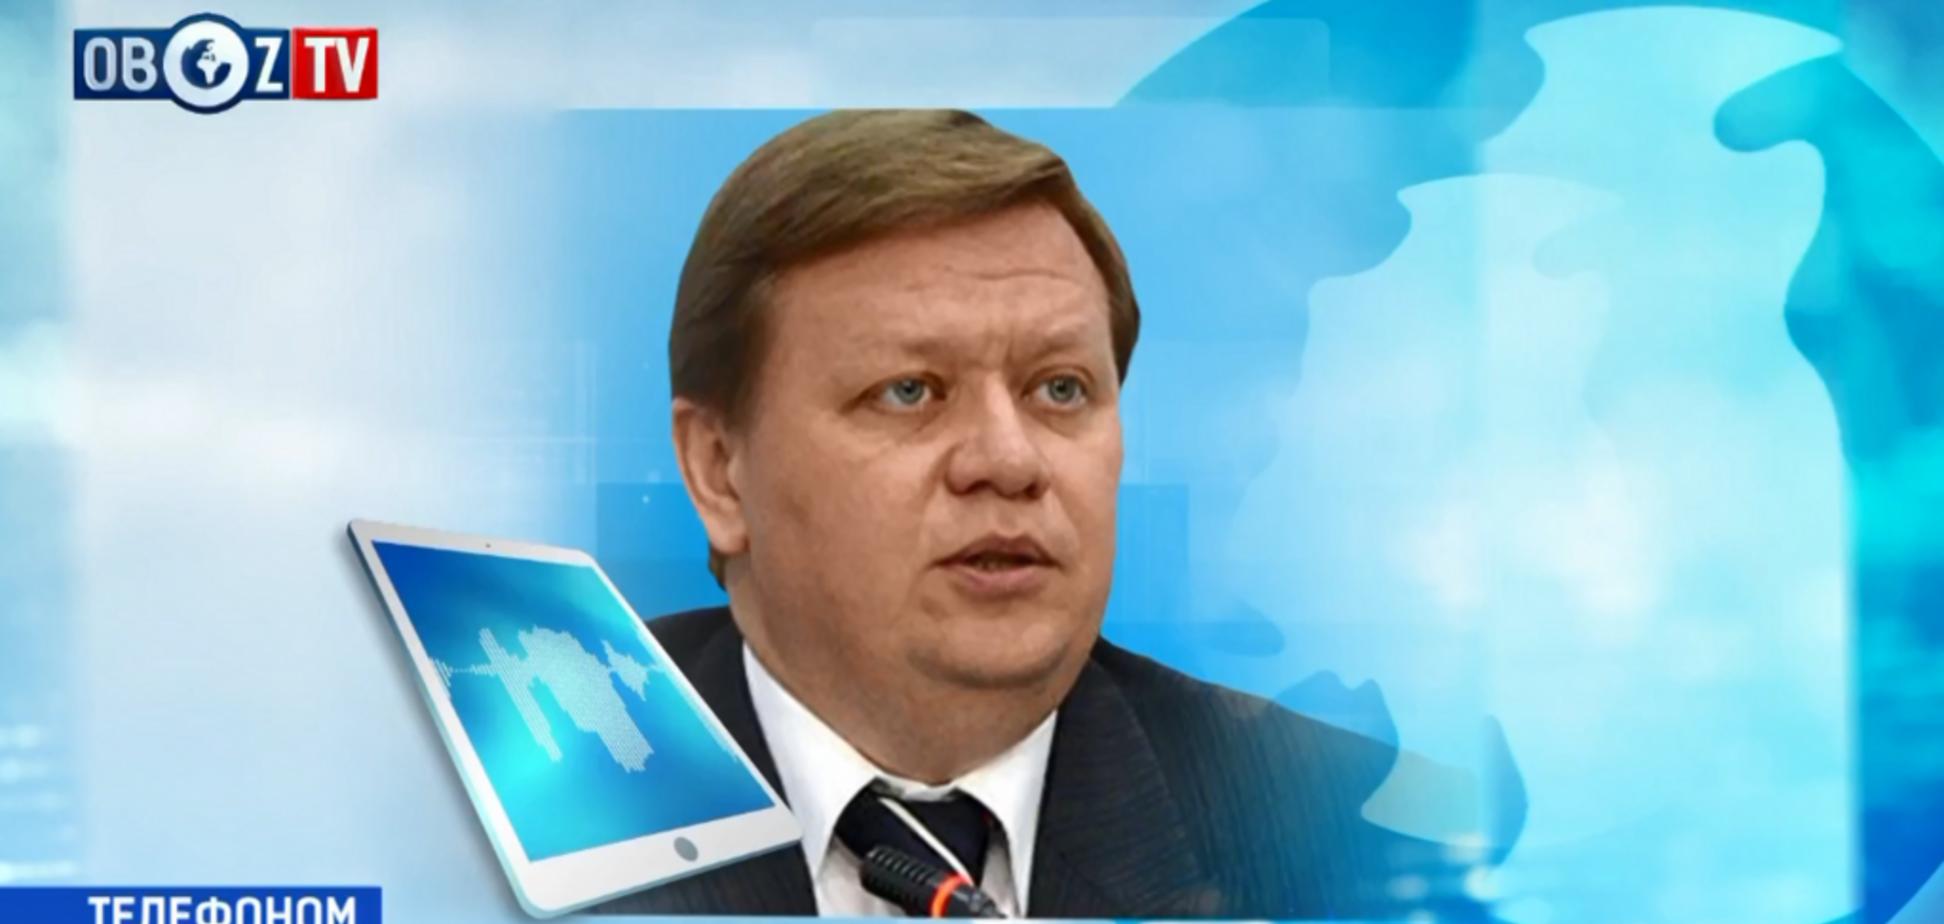 'Усложнили жизнь России': озвучен прогноз, чего ждать Украине в газовой войне